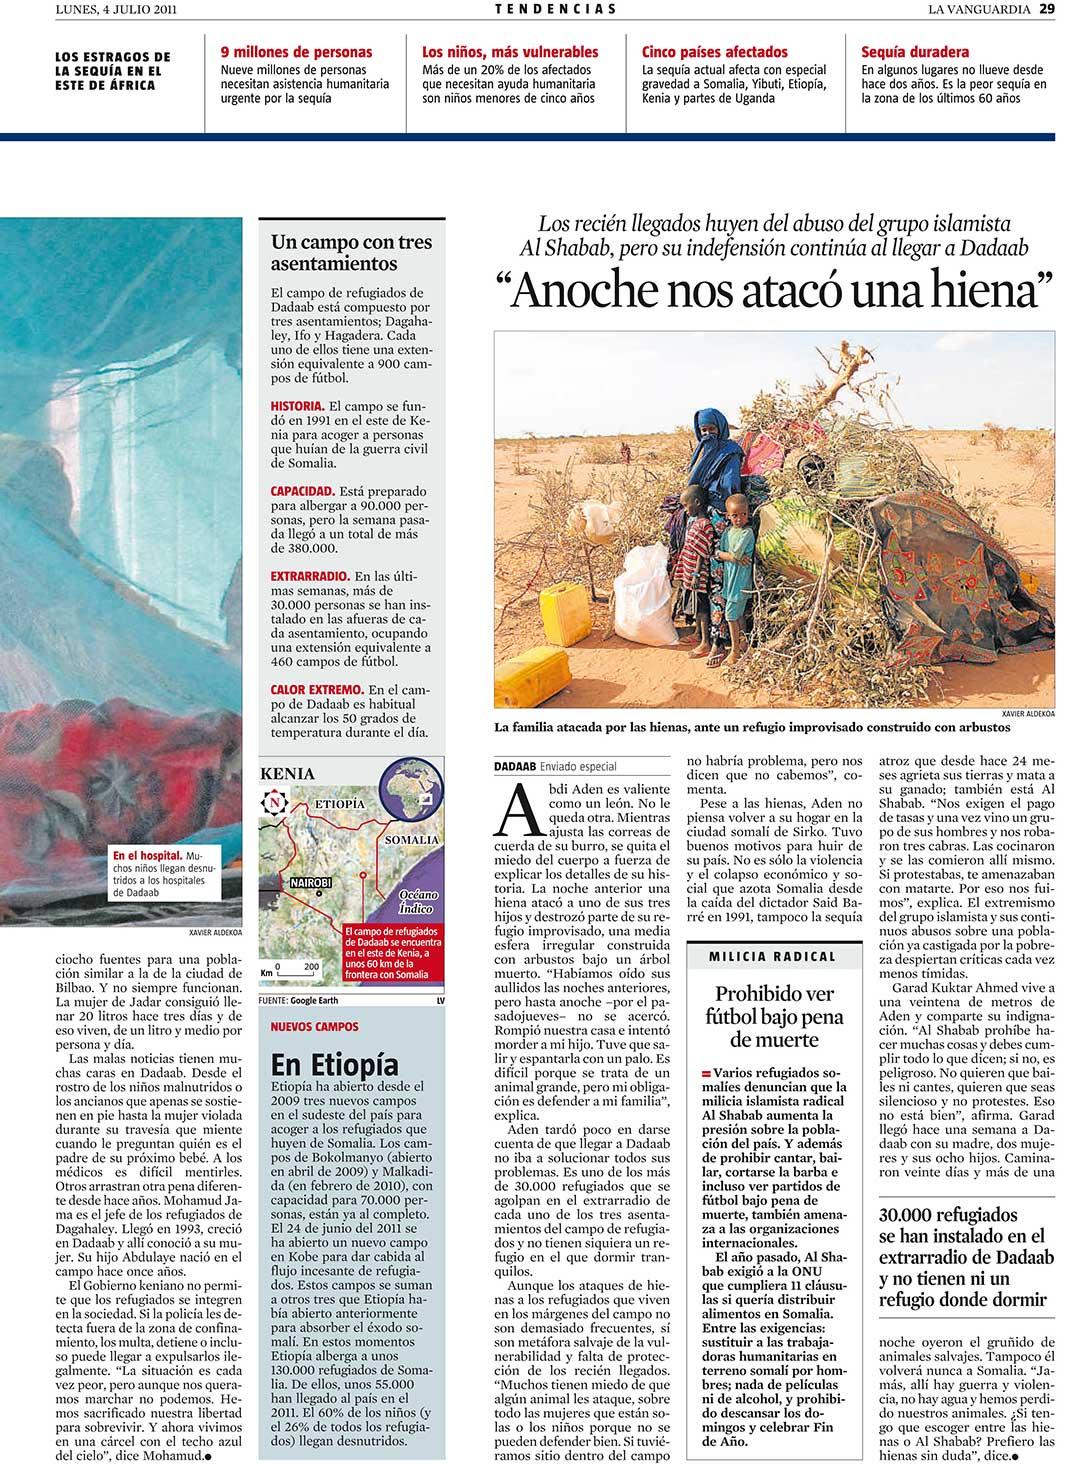 Dadaab, el drama ignorado 2